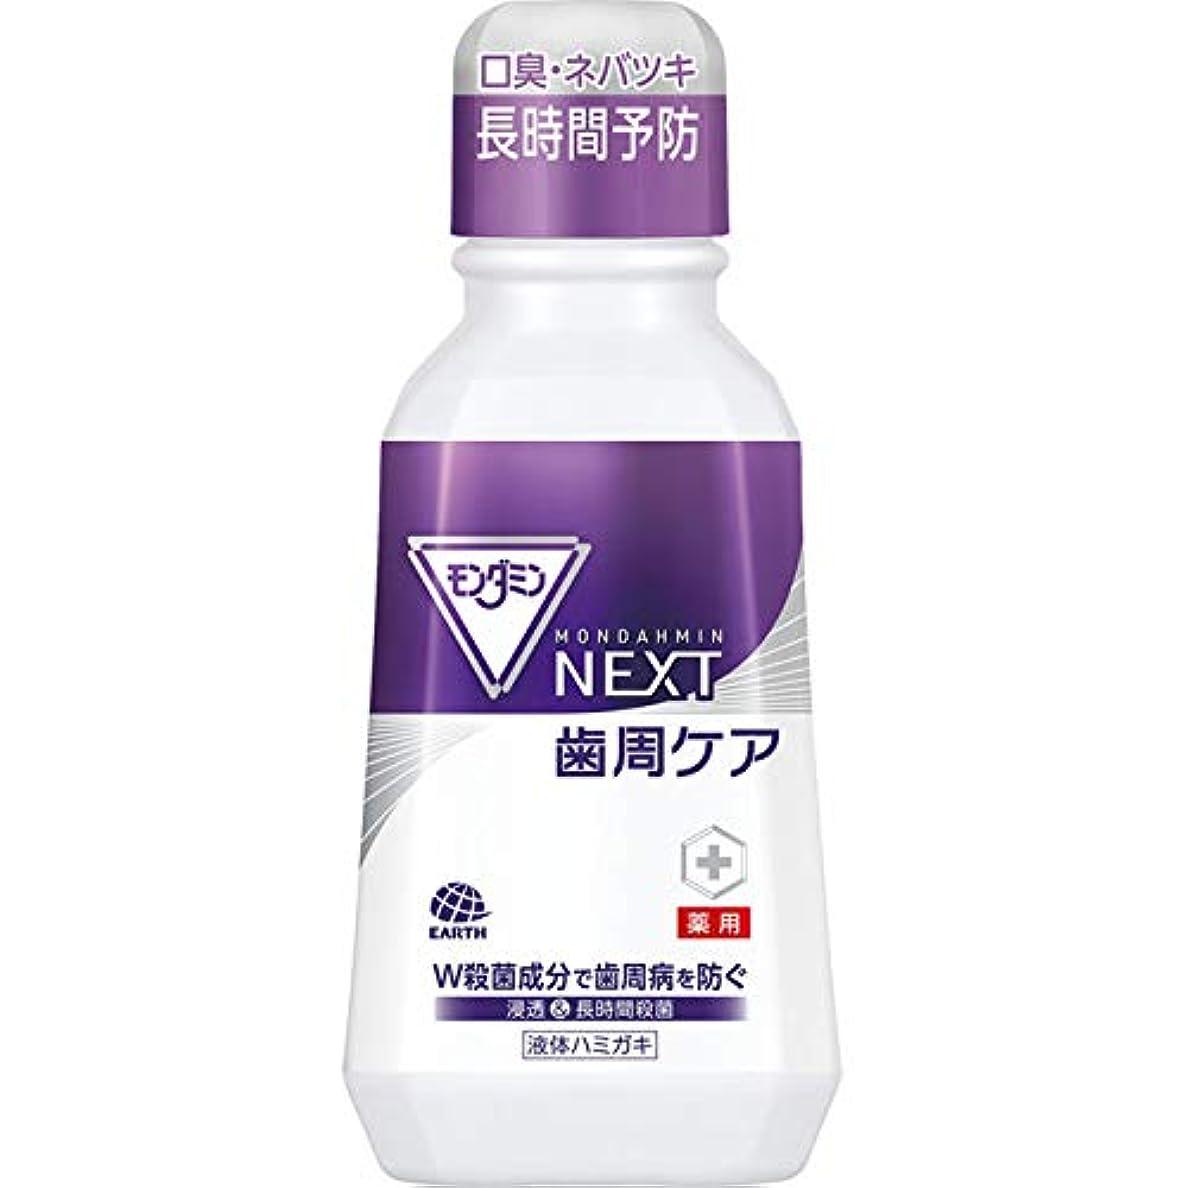 削減売上高委員会モンダミン NEXT 歯周ケア 380mL × 9個セット